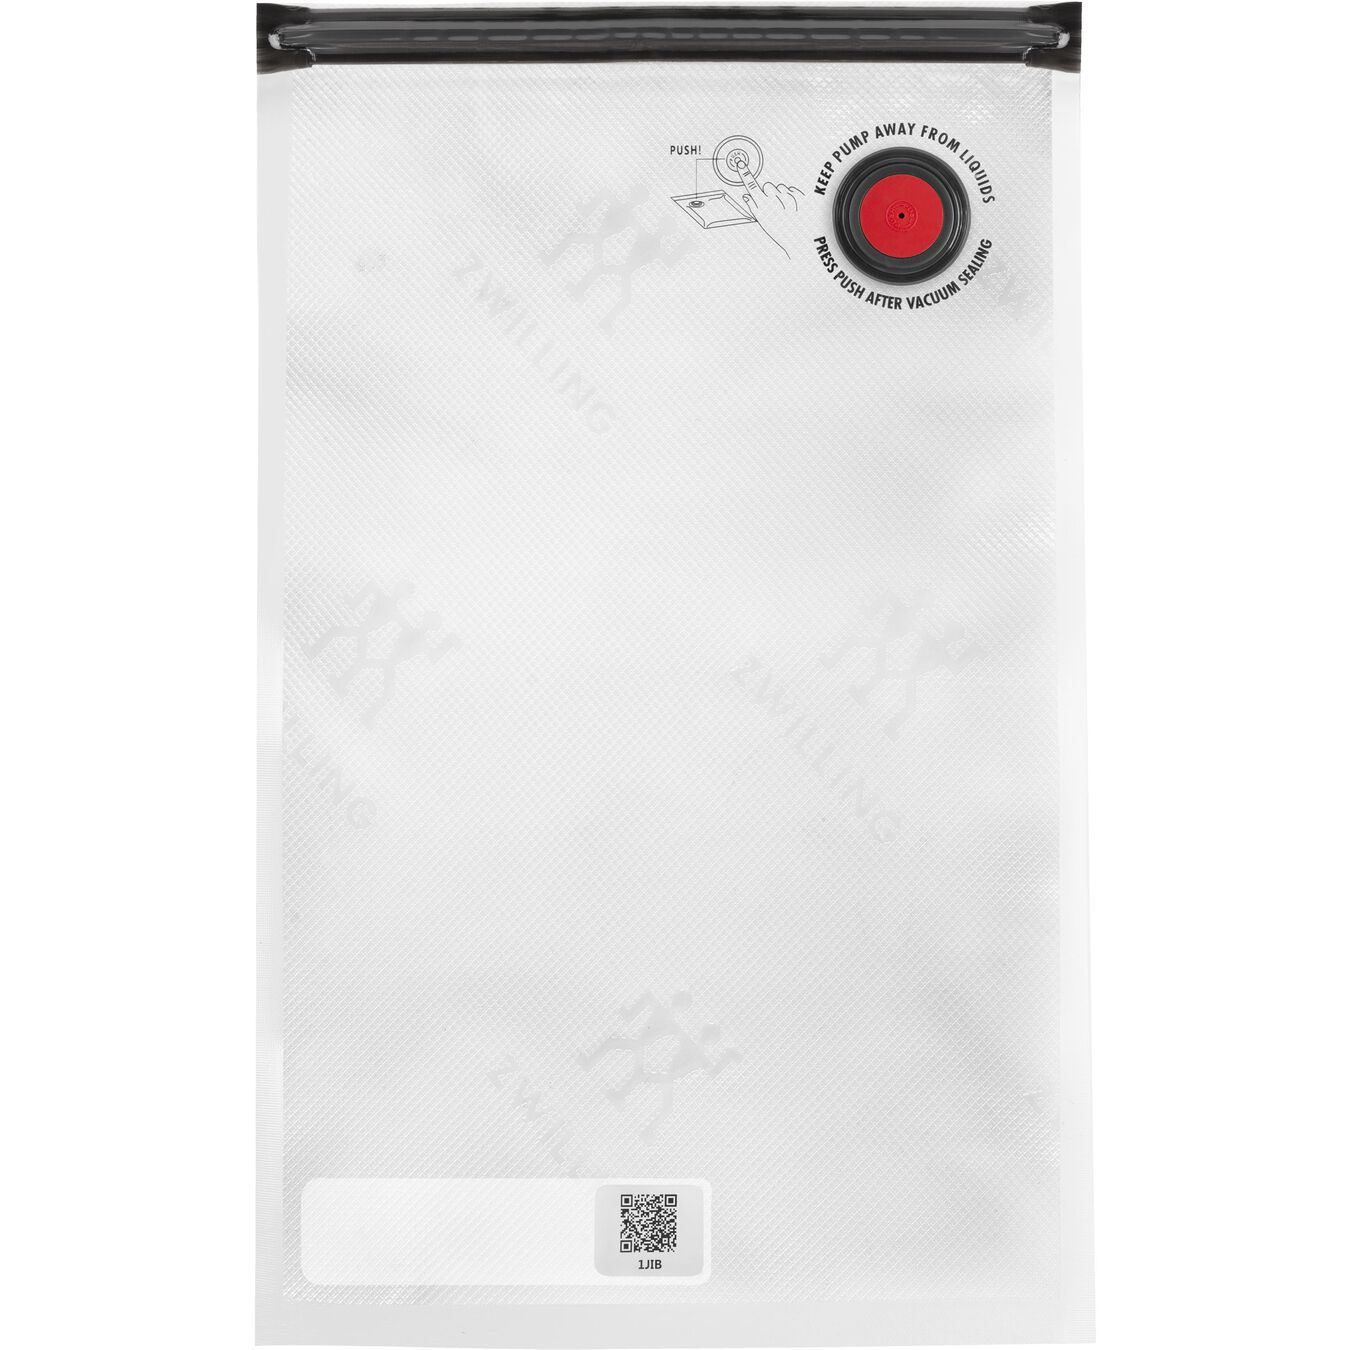 Set di sacchetti sottovuoto - 3-pz., plastica,,large 1